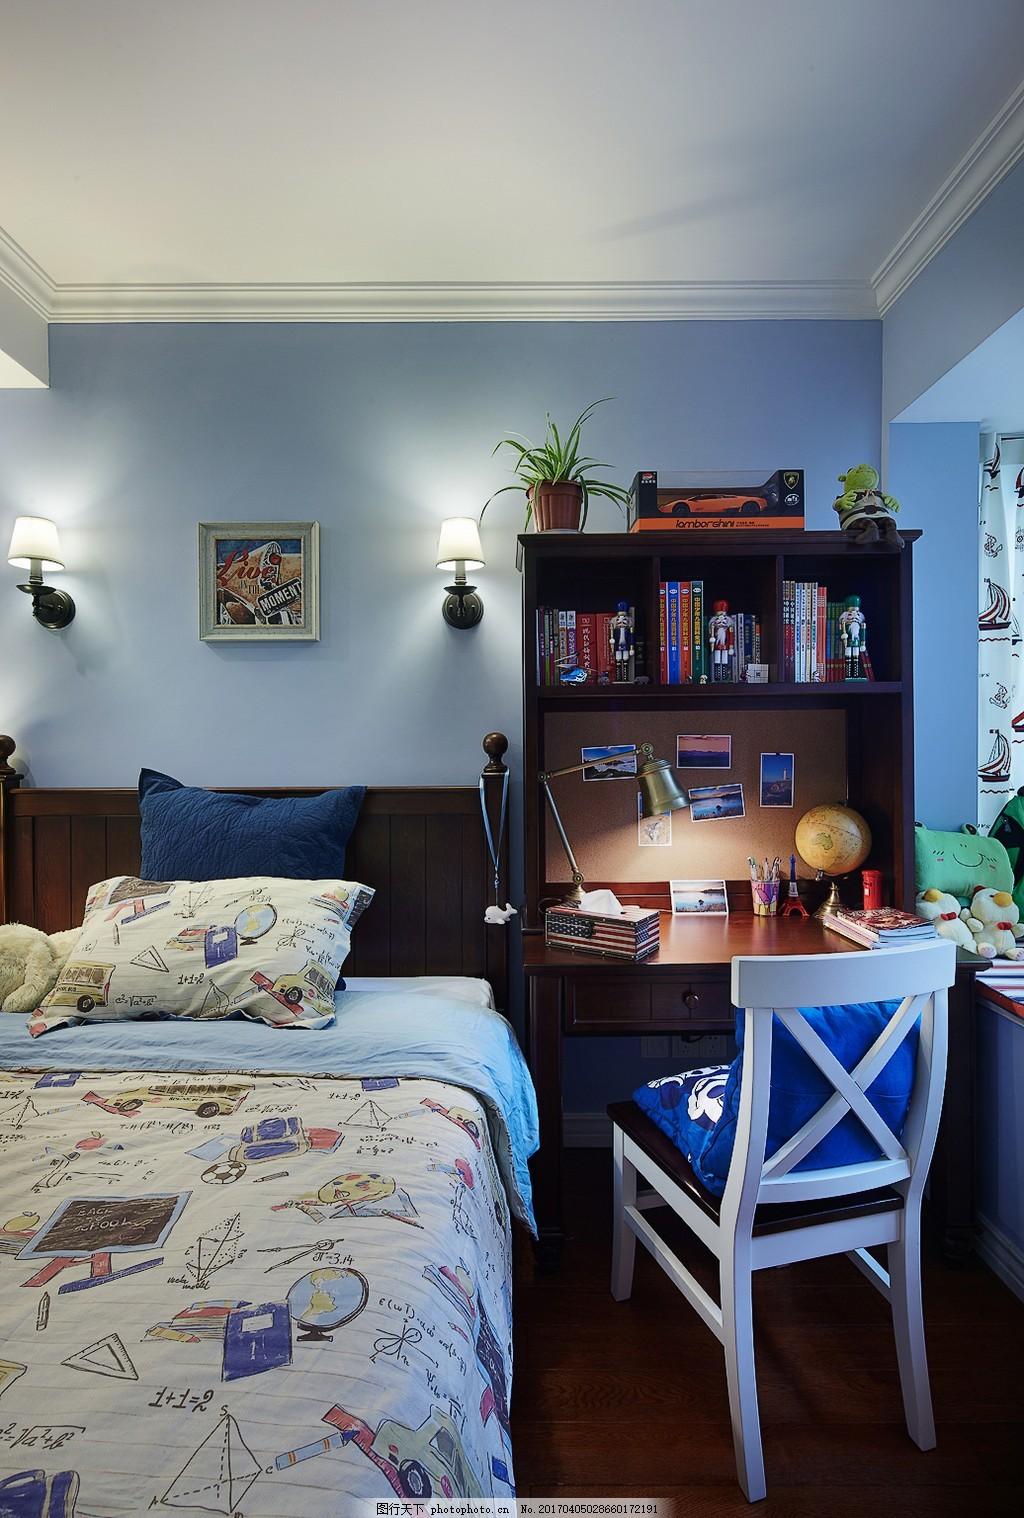 美式时尚卧室书桌设计图 家居 家居生活 室内设计 装修 室内 家具